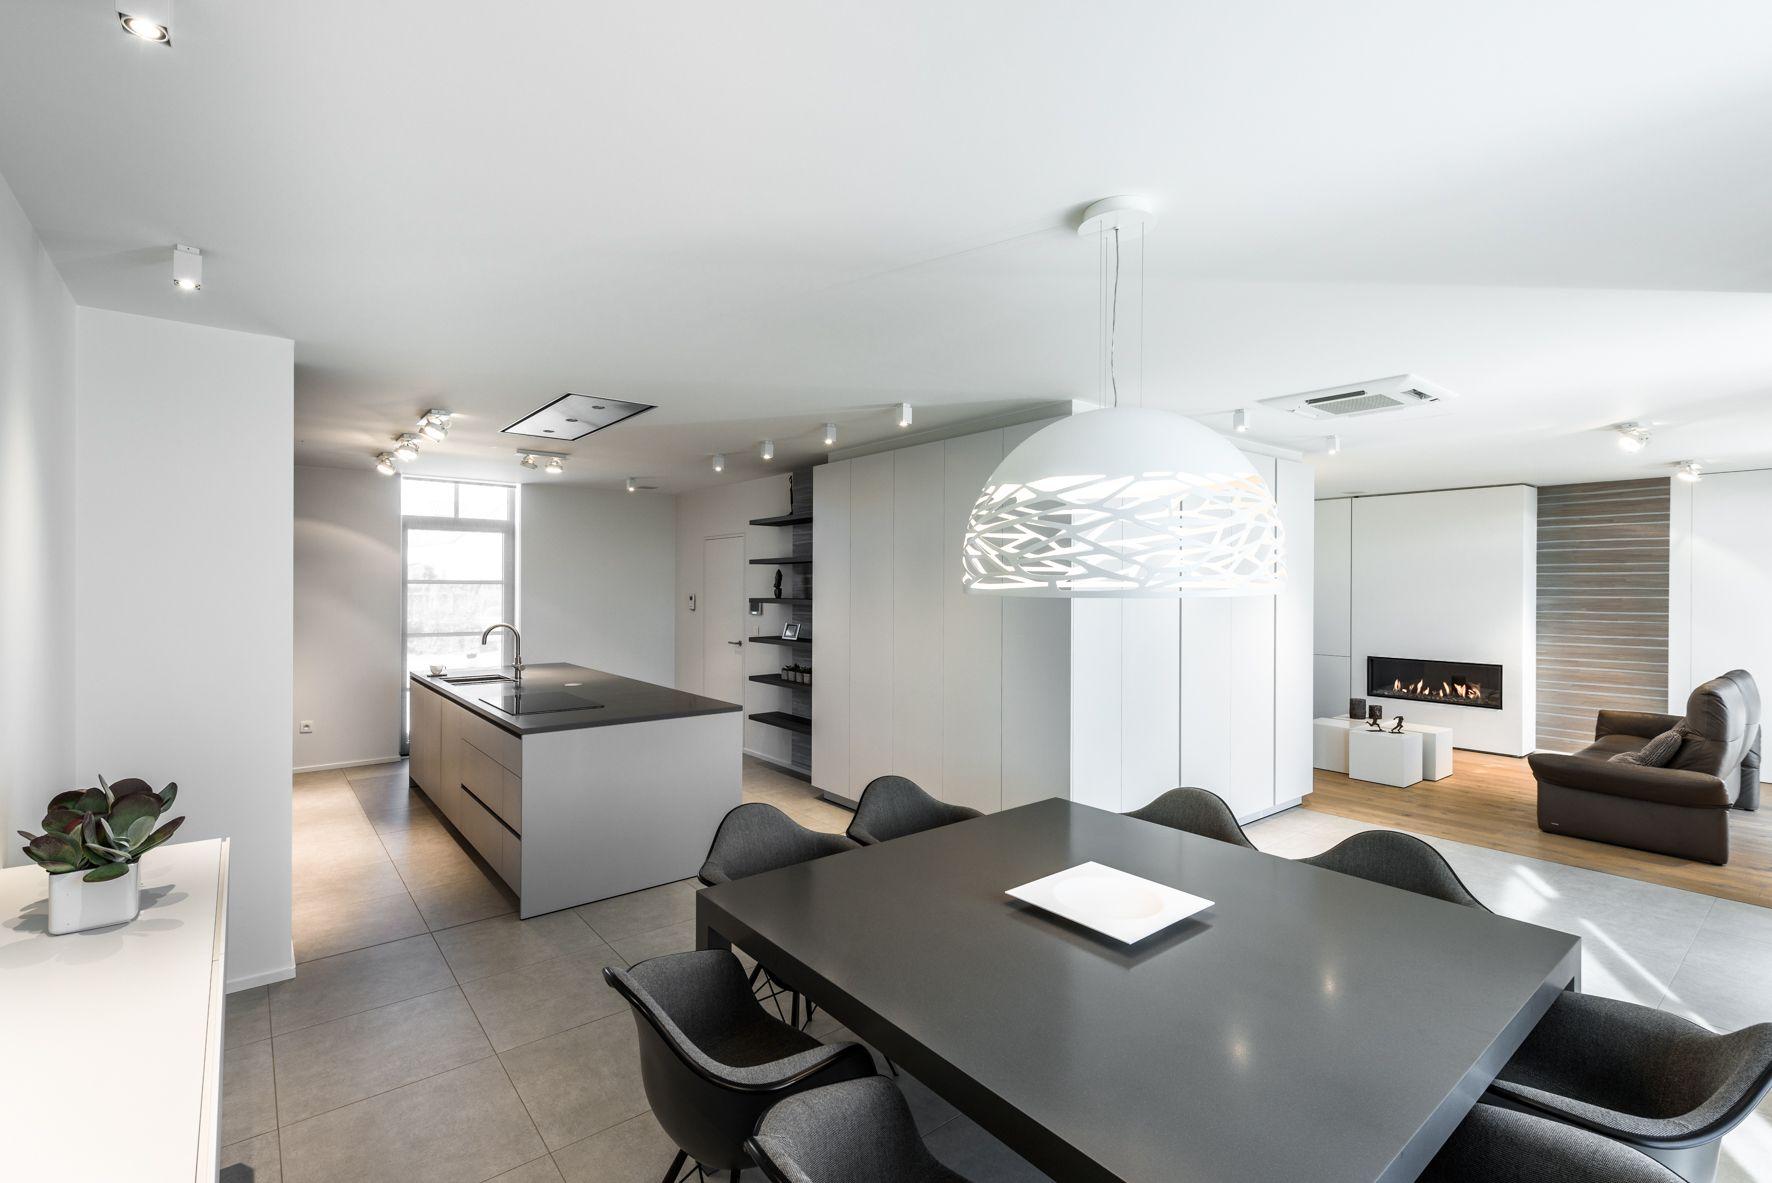 Woonkamer met haard en keukeneiland in een modern interieur door Ken ...